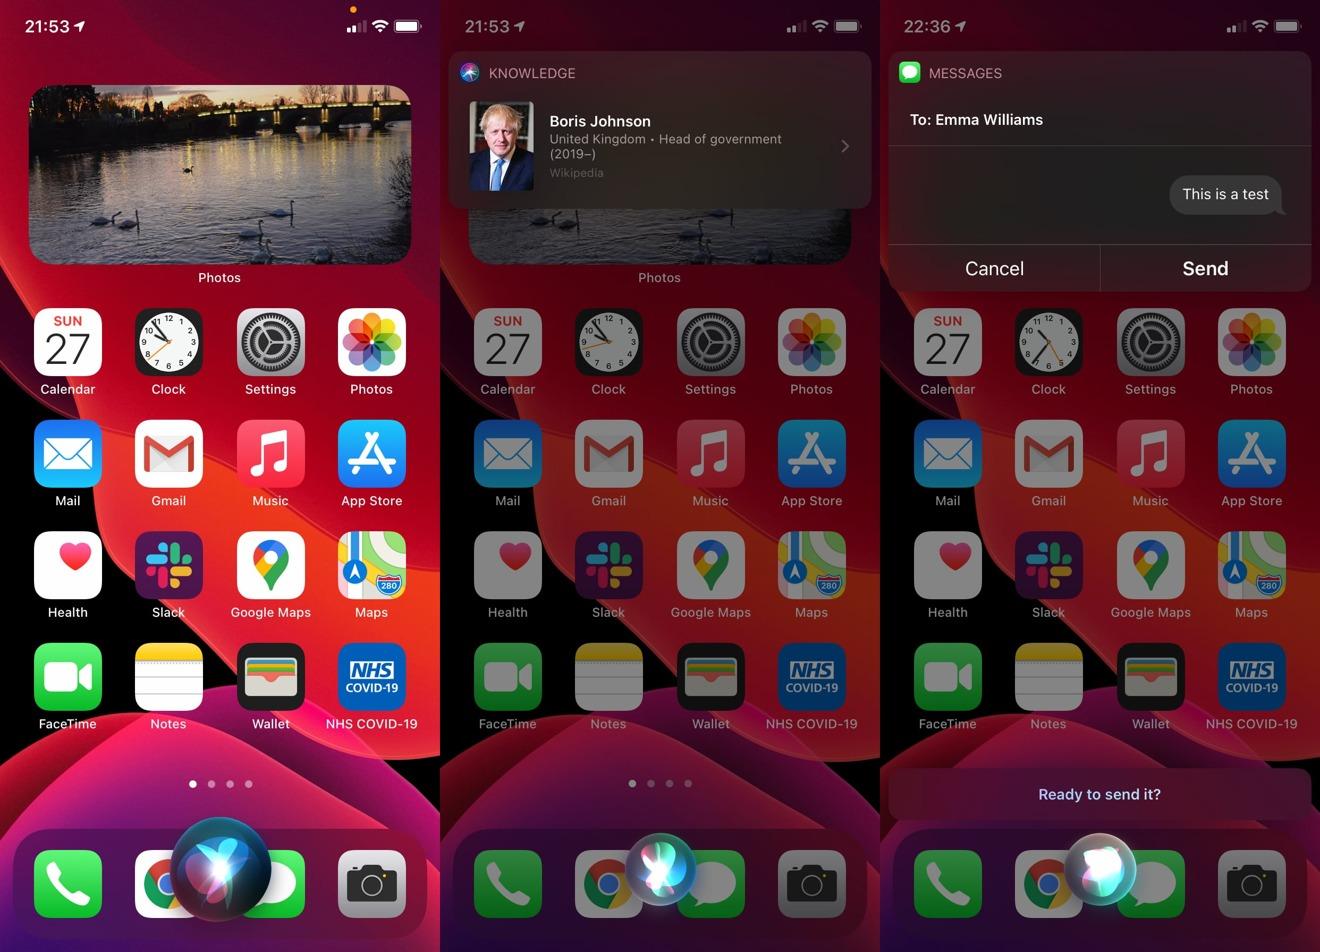 La nueva apariencia de Siri ocupa menos pantalla, lo que le permite mantener su atención en las aplicaciones que está usando.